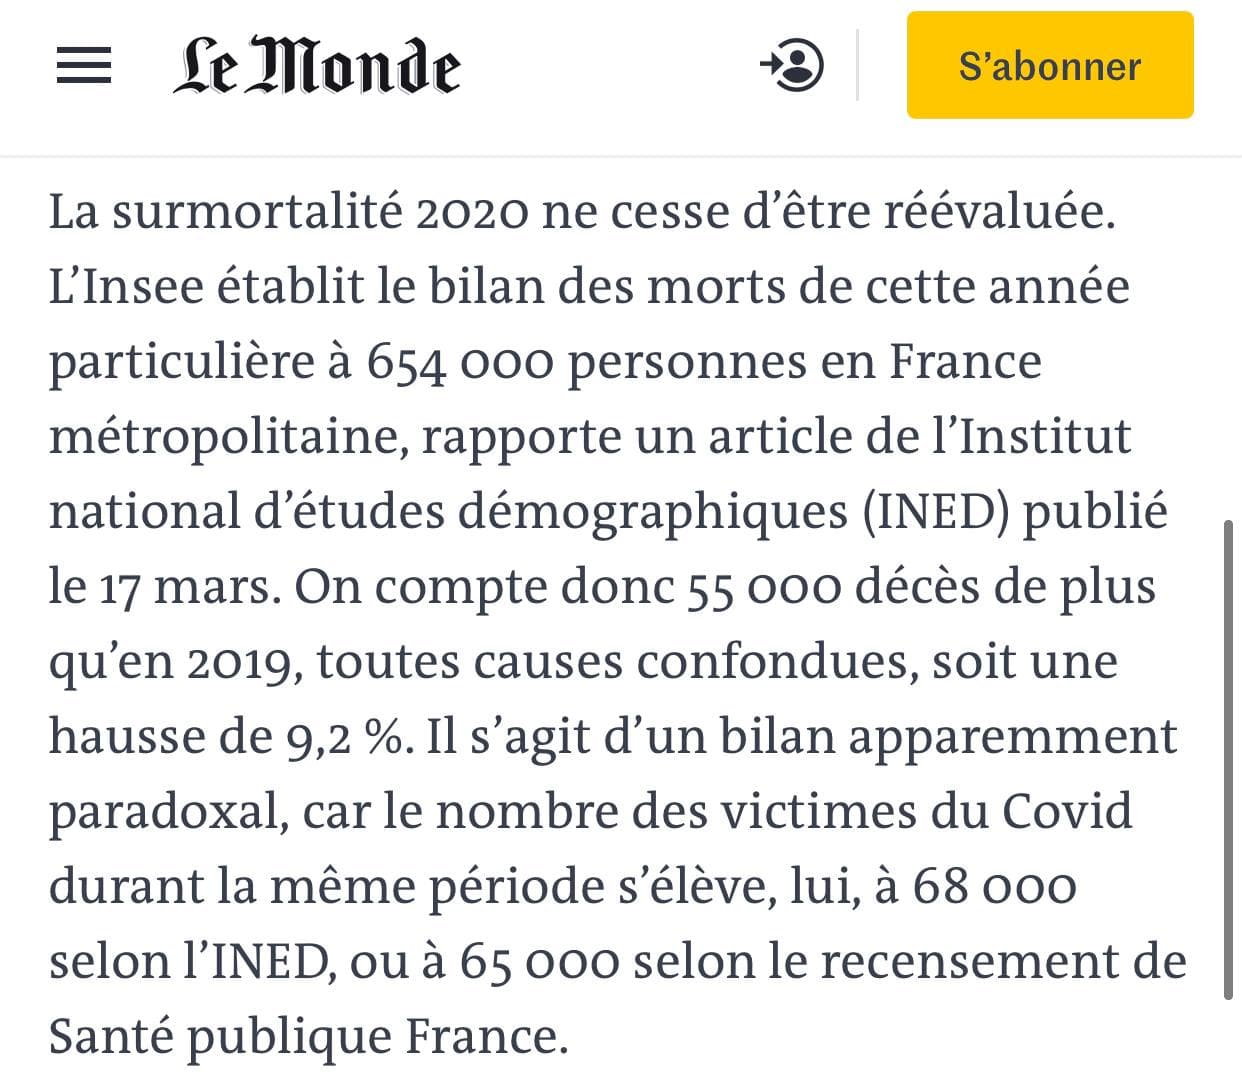 Covid-19, démographie et mortalité en France